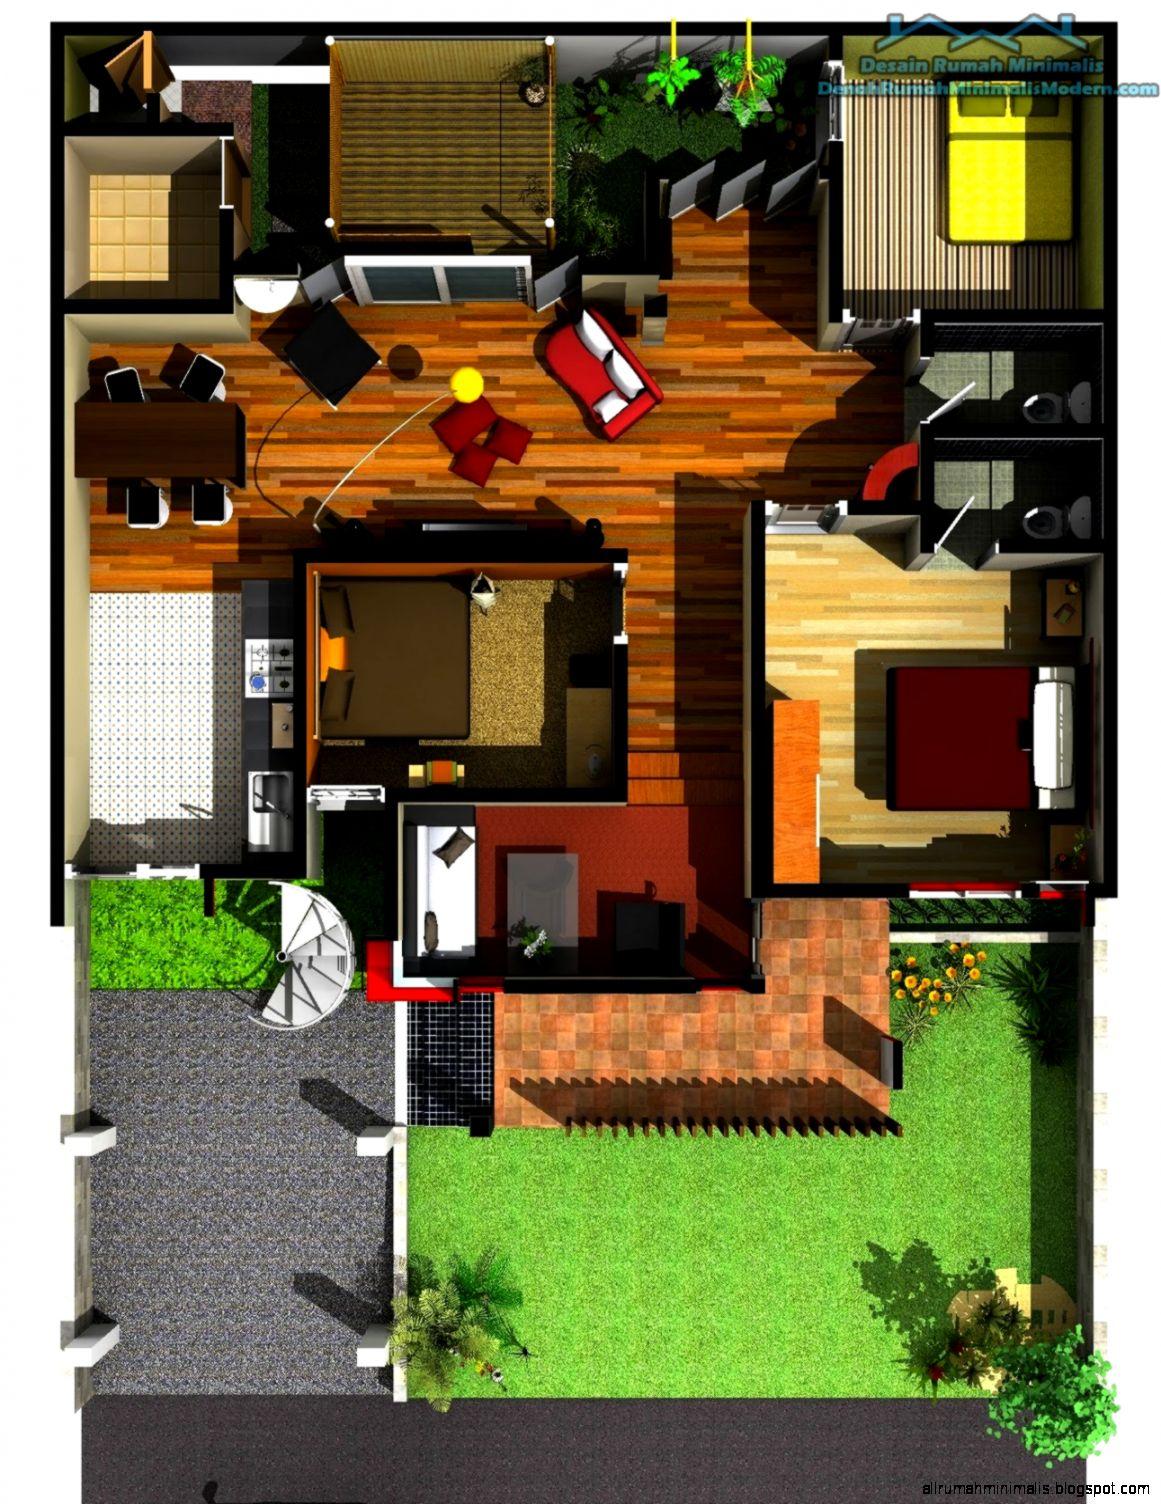 Gambar Denah Rumah Minimalis 1 Lantai Terbaru 2015